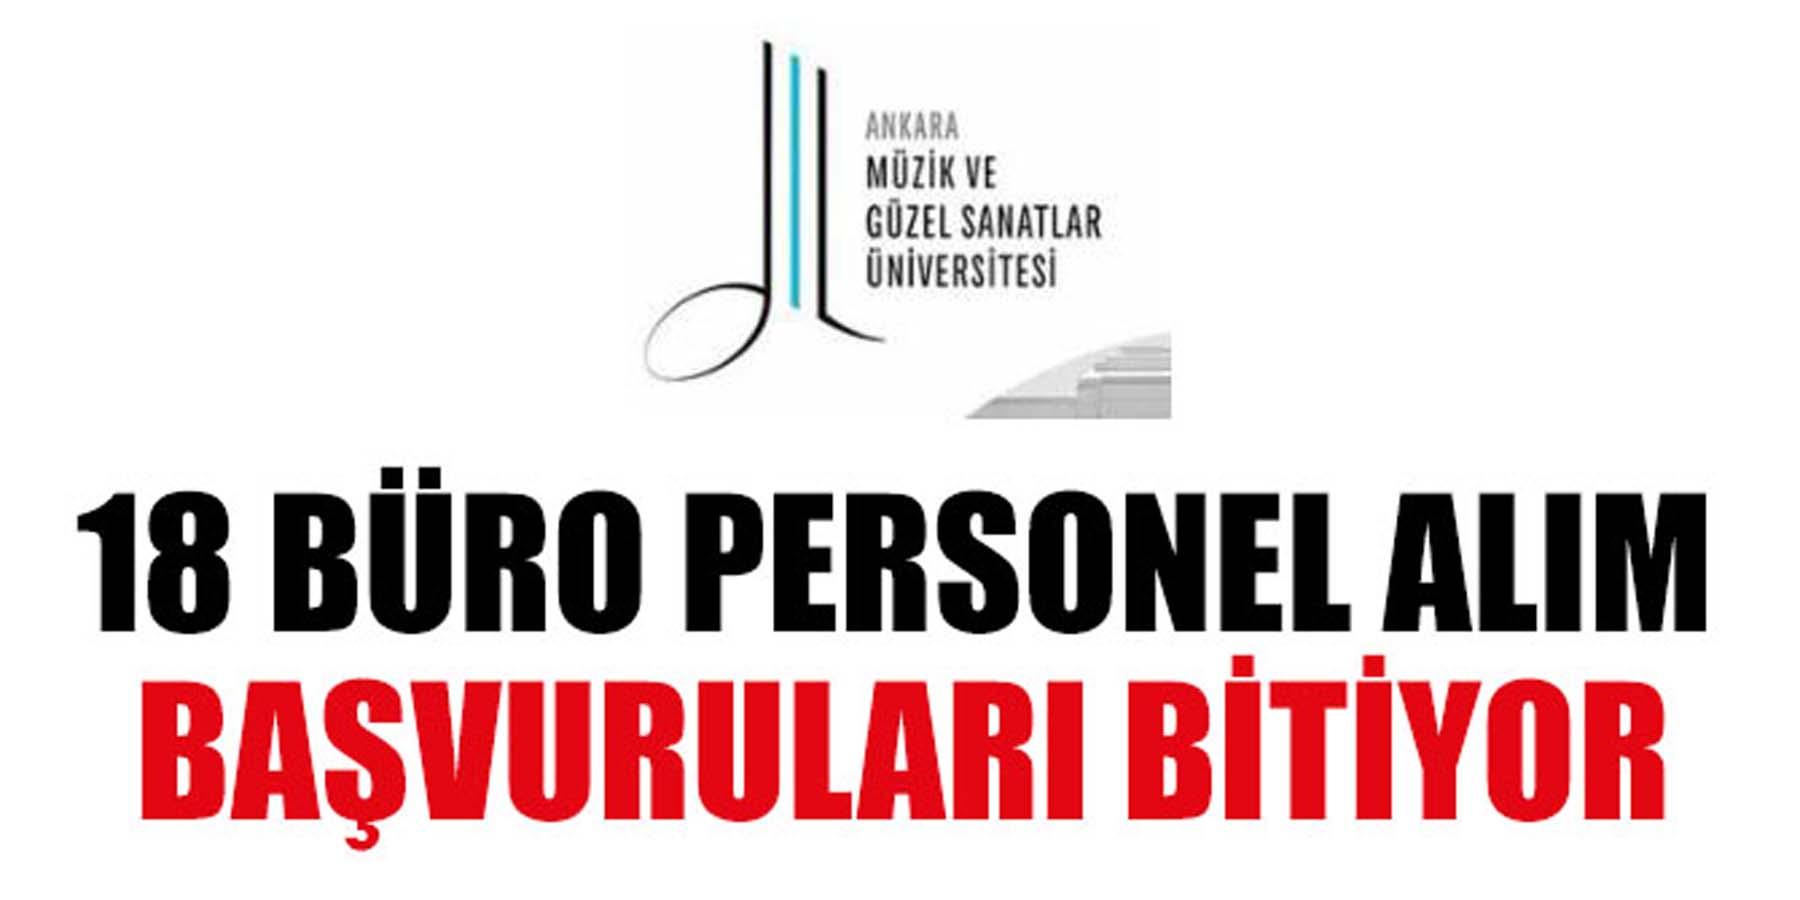 Ankara Müzik ve Güzel Sanatlar Üniversitesi 18 Büro Personeli Alım Başvurusu Bitiyor